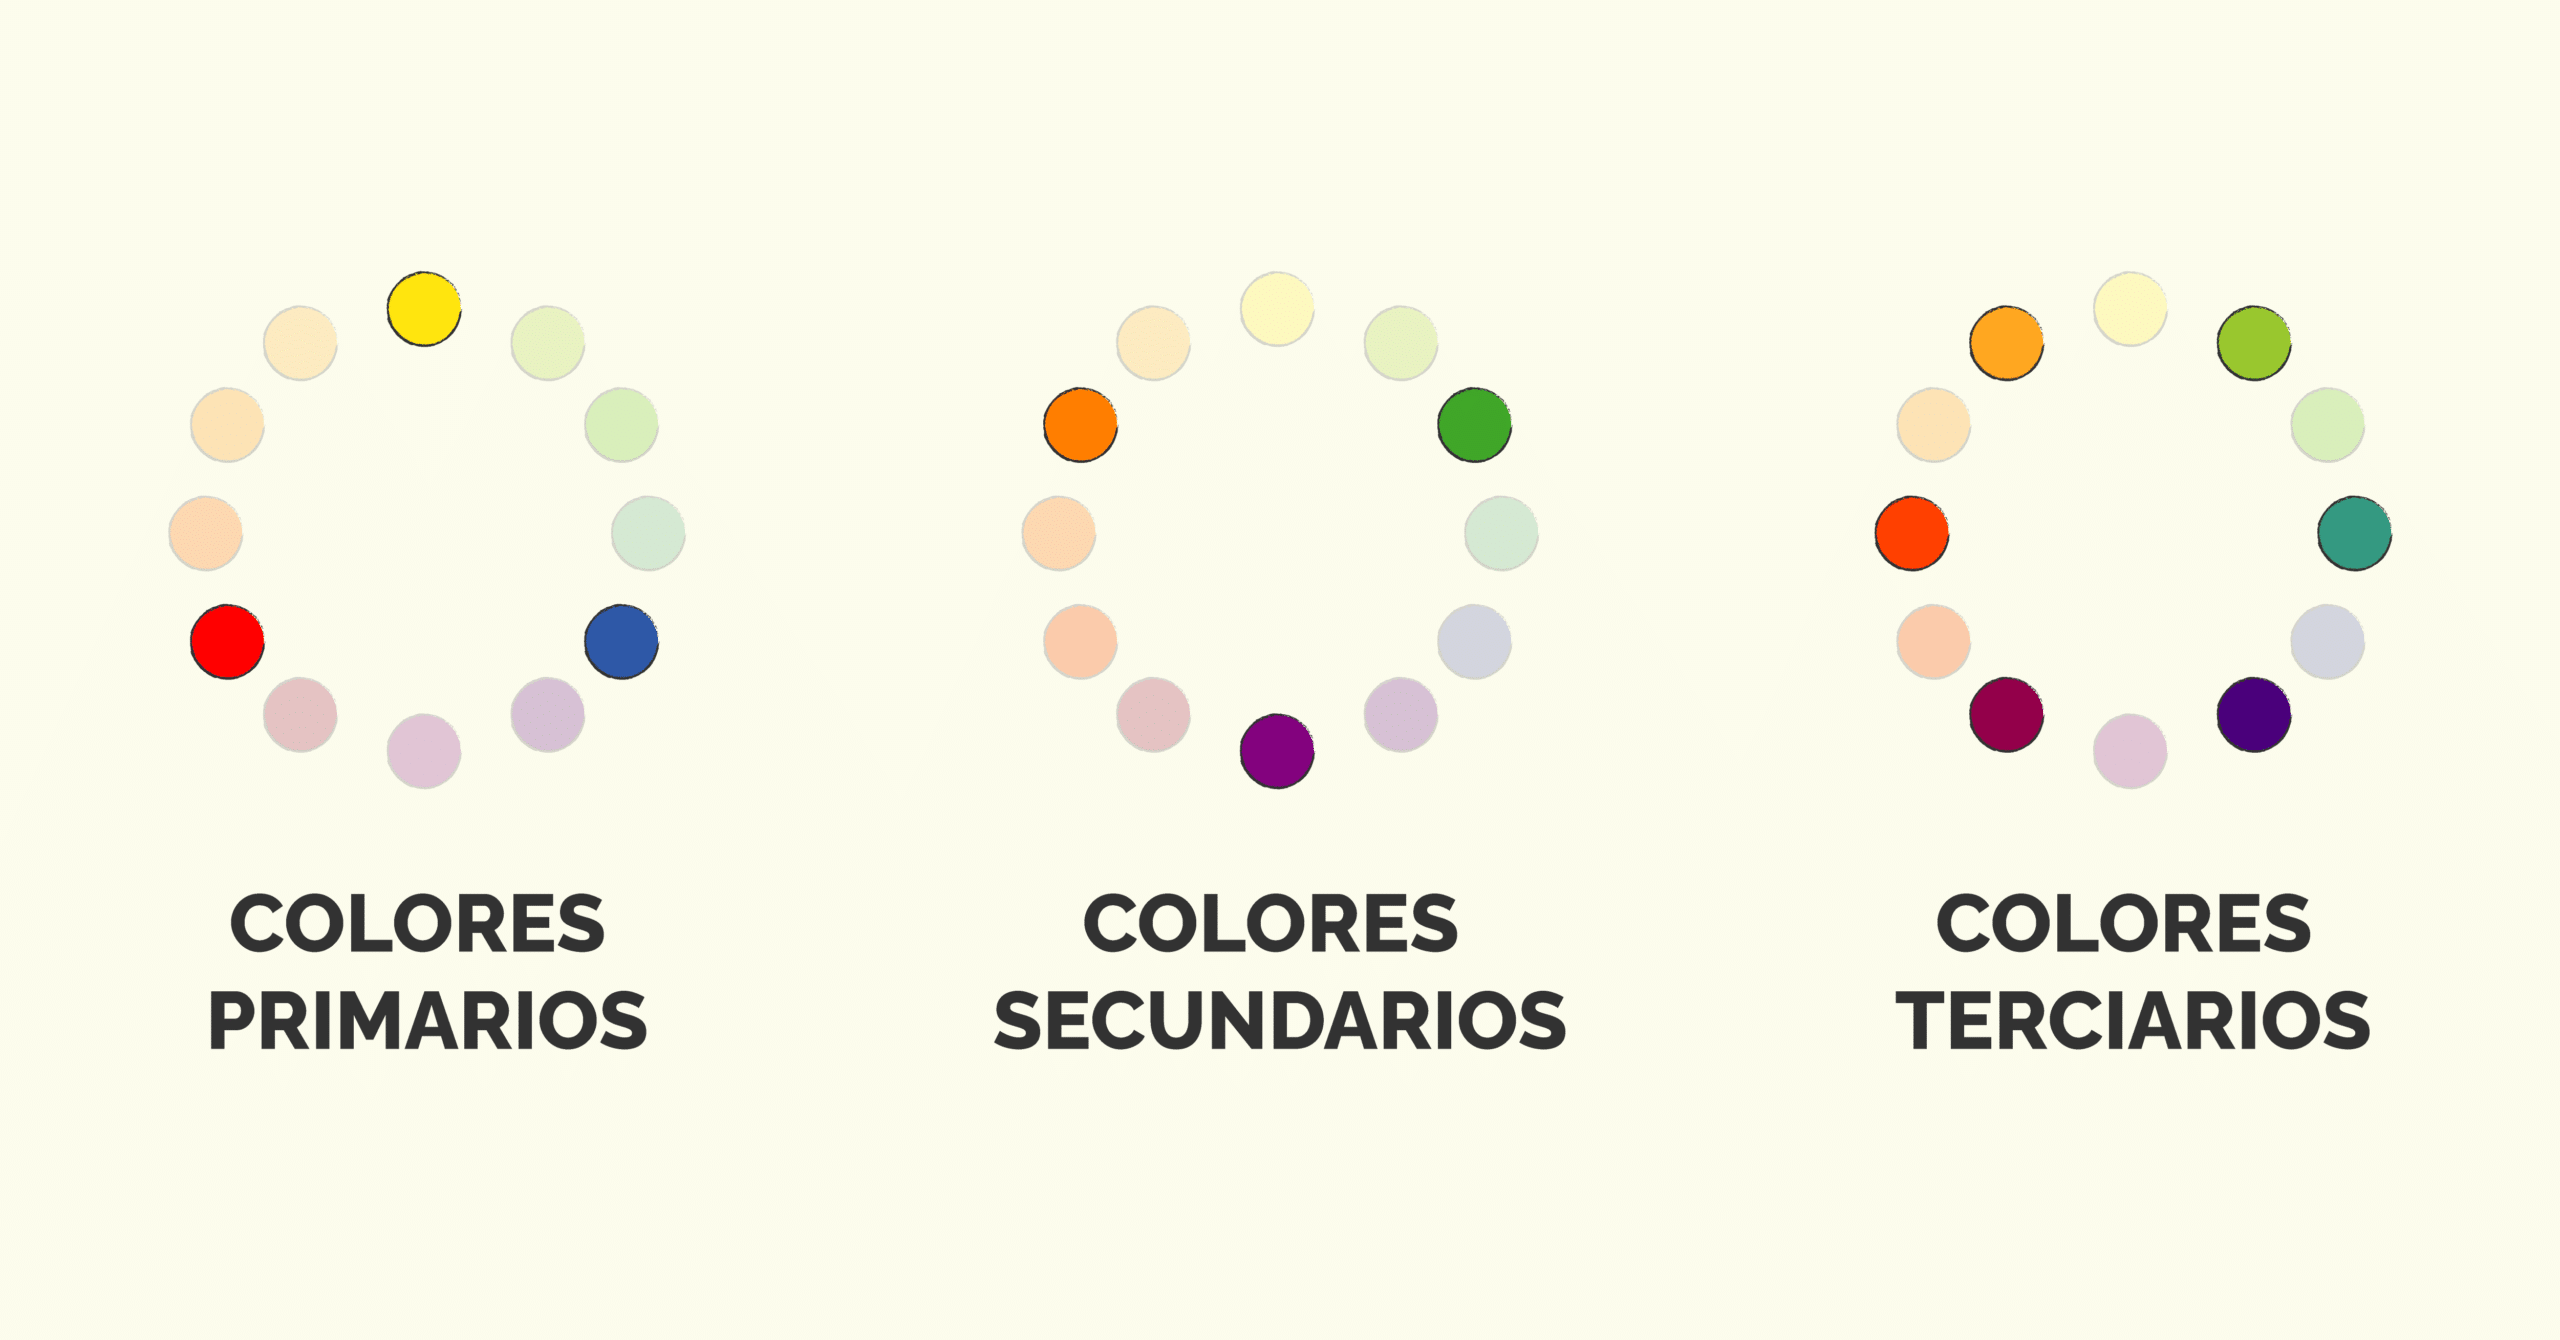 tipos de colores primarios secundarios terciarios